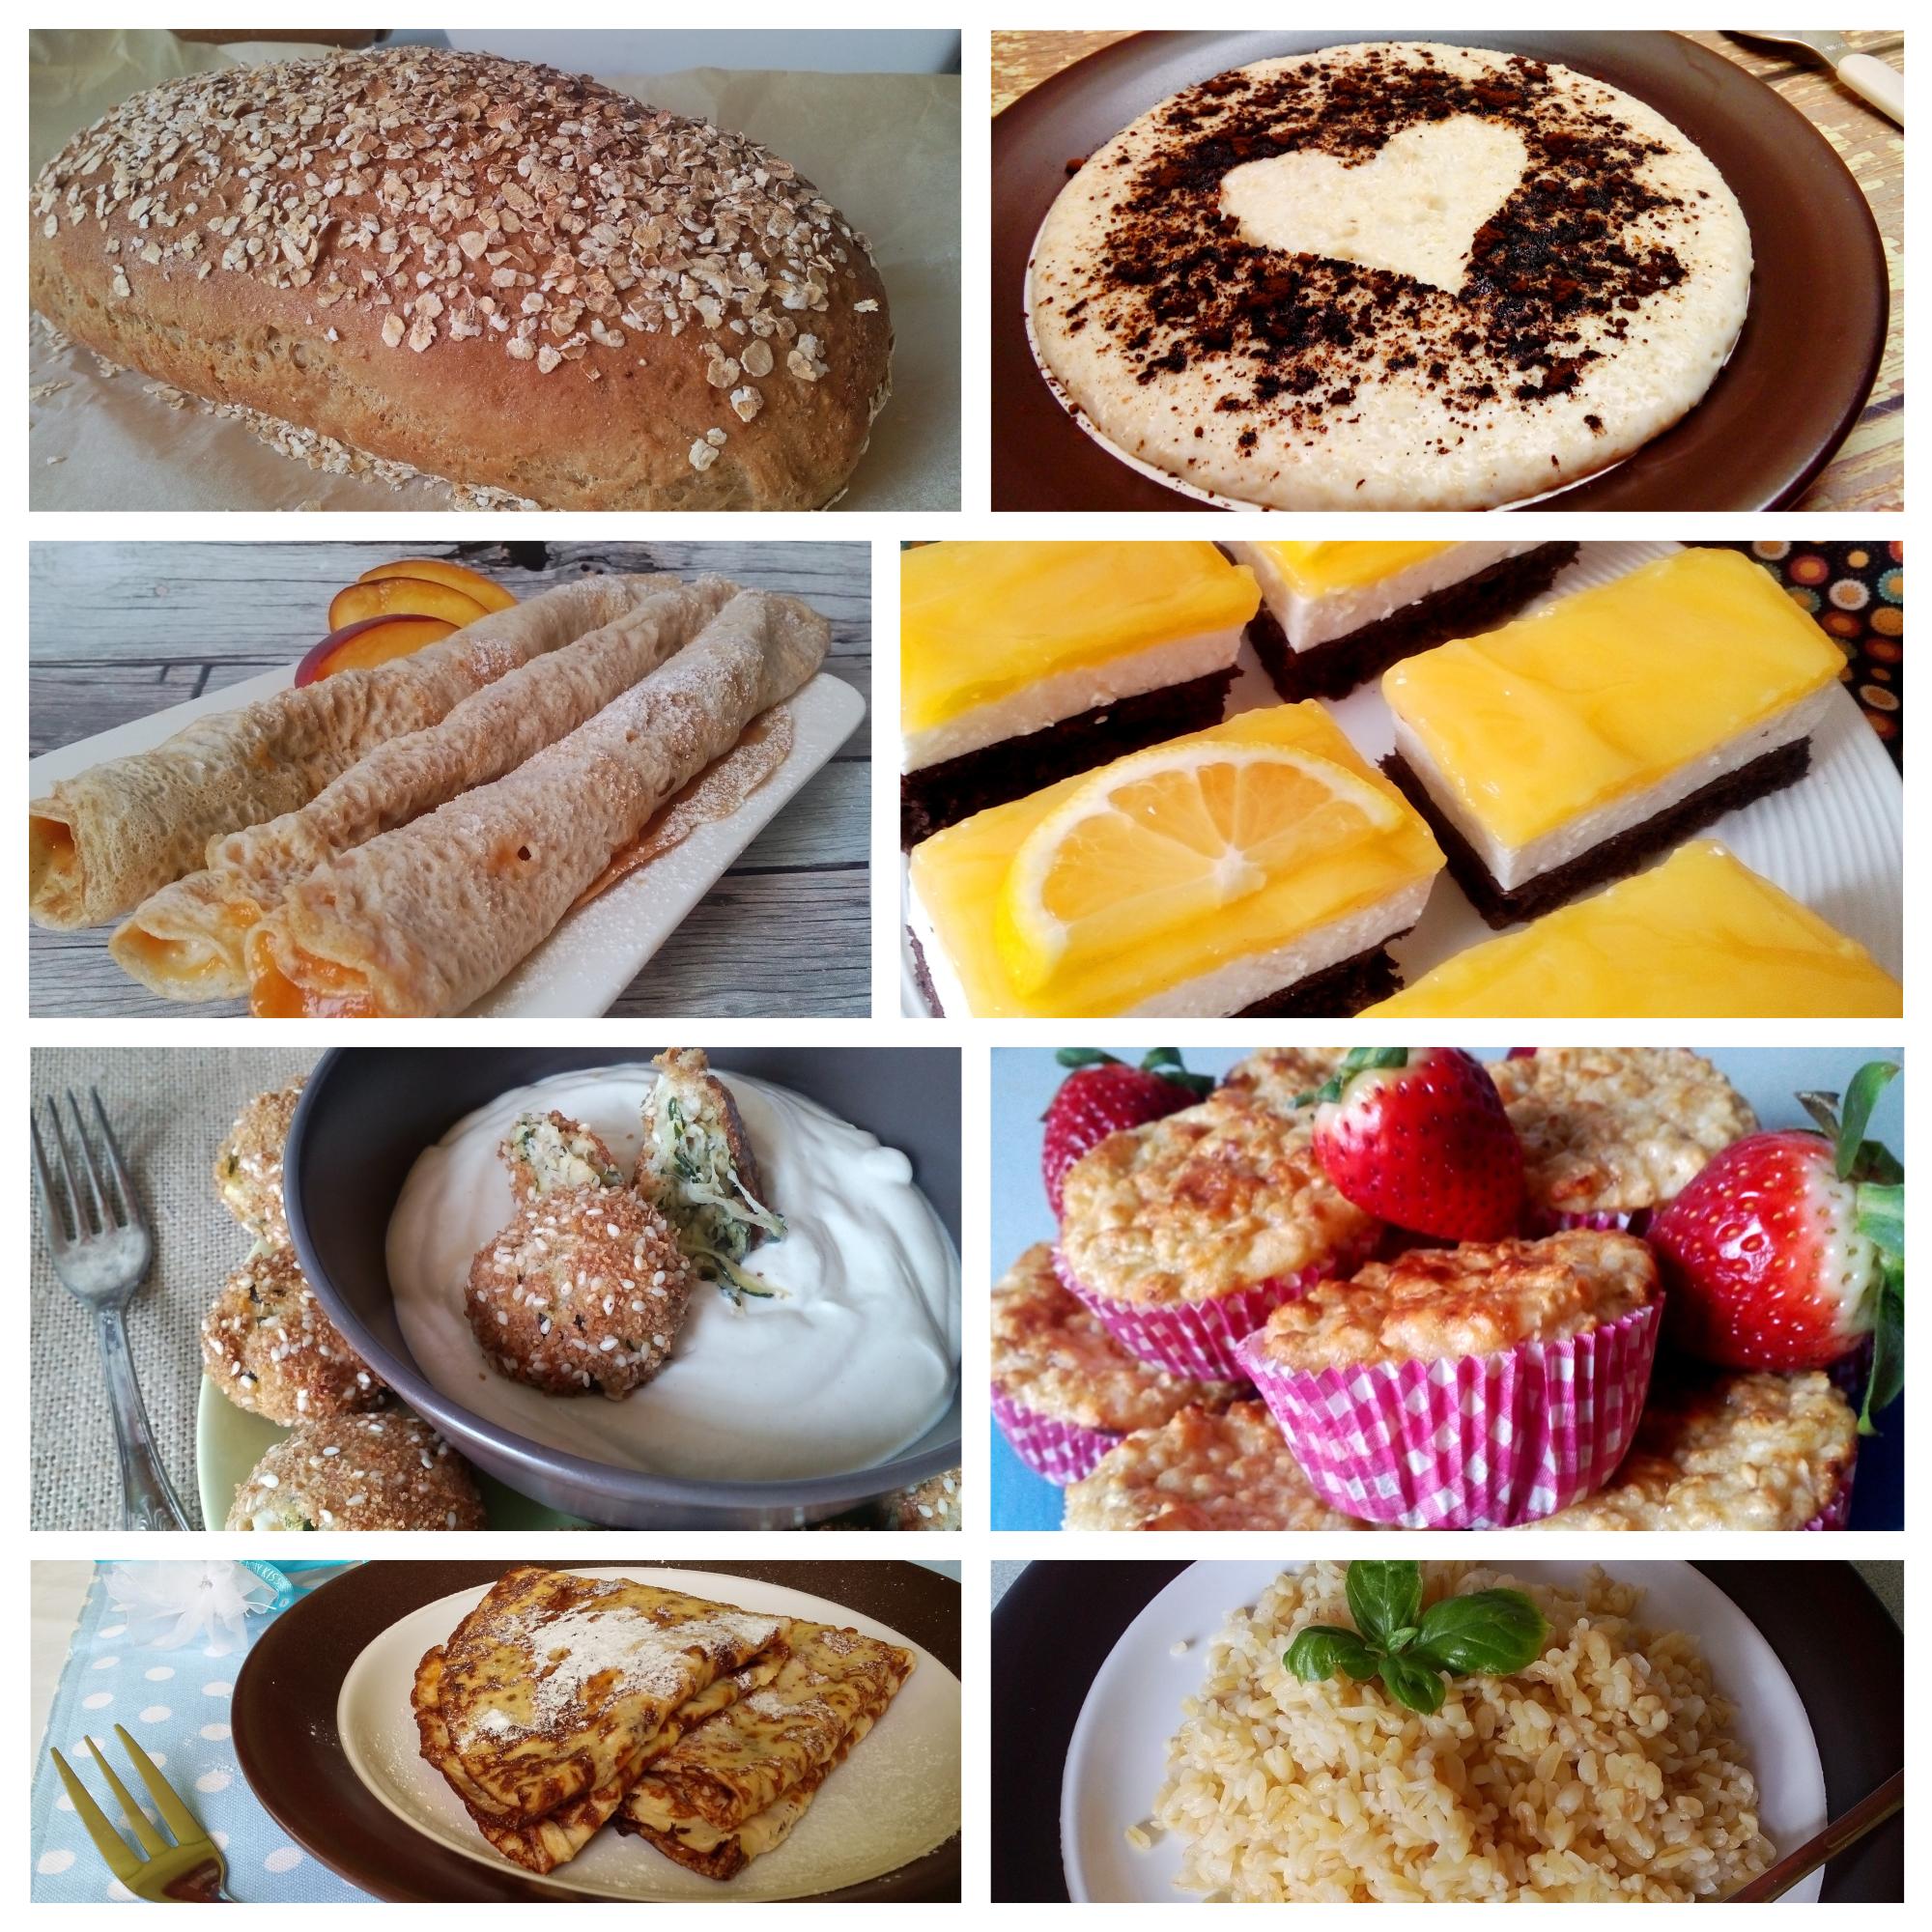 diétás receptek blog elveszíti a testzsírt könnyen